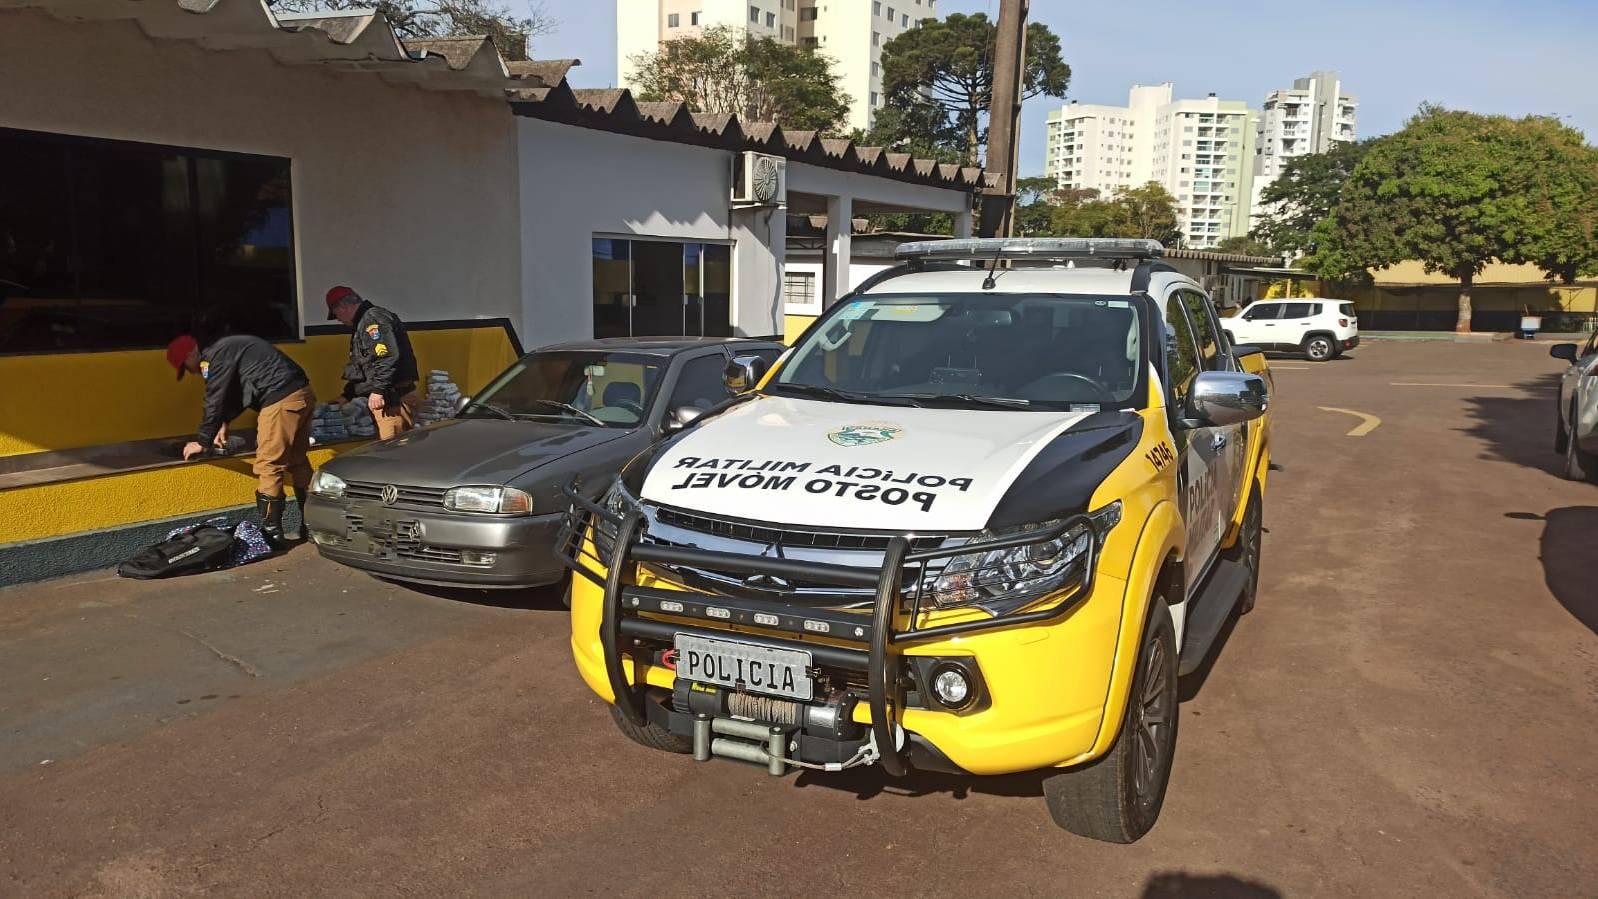 Policia Rodoviária Estadual apreende veiculo com medicamentos e anabolizantes na PR-239